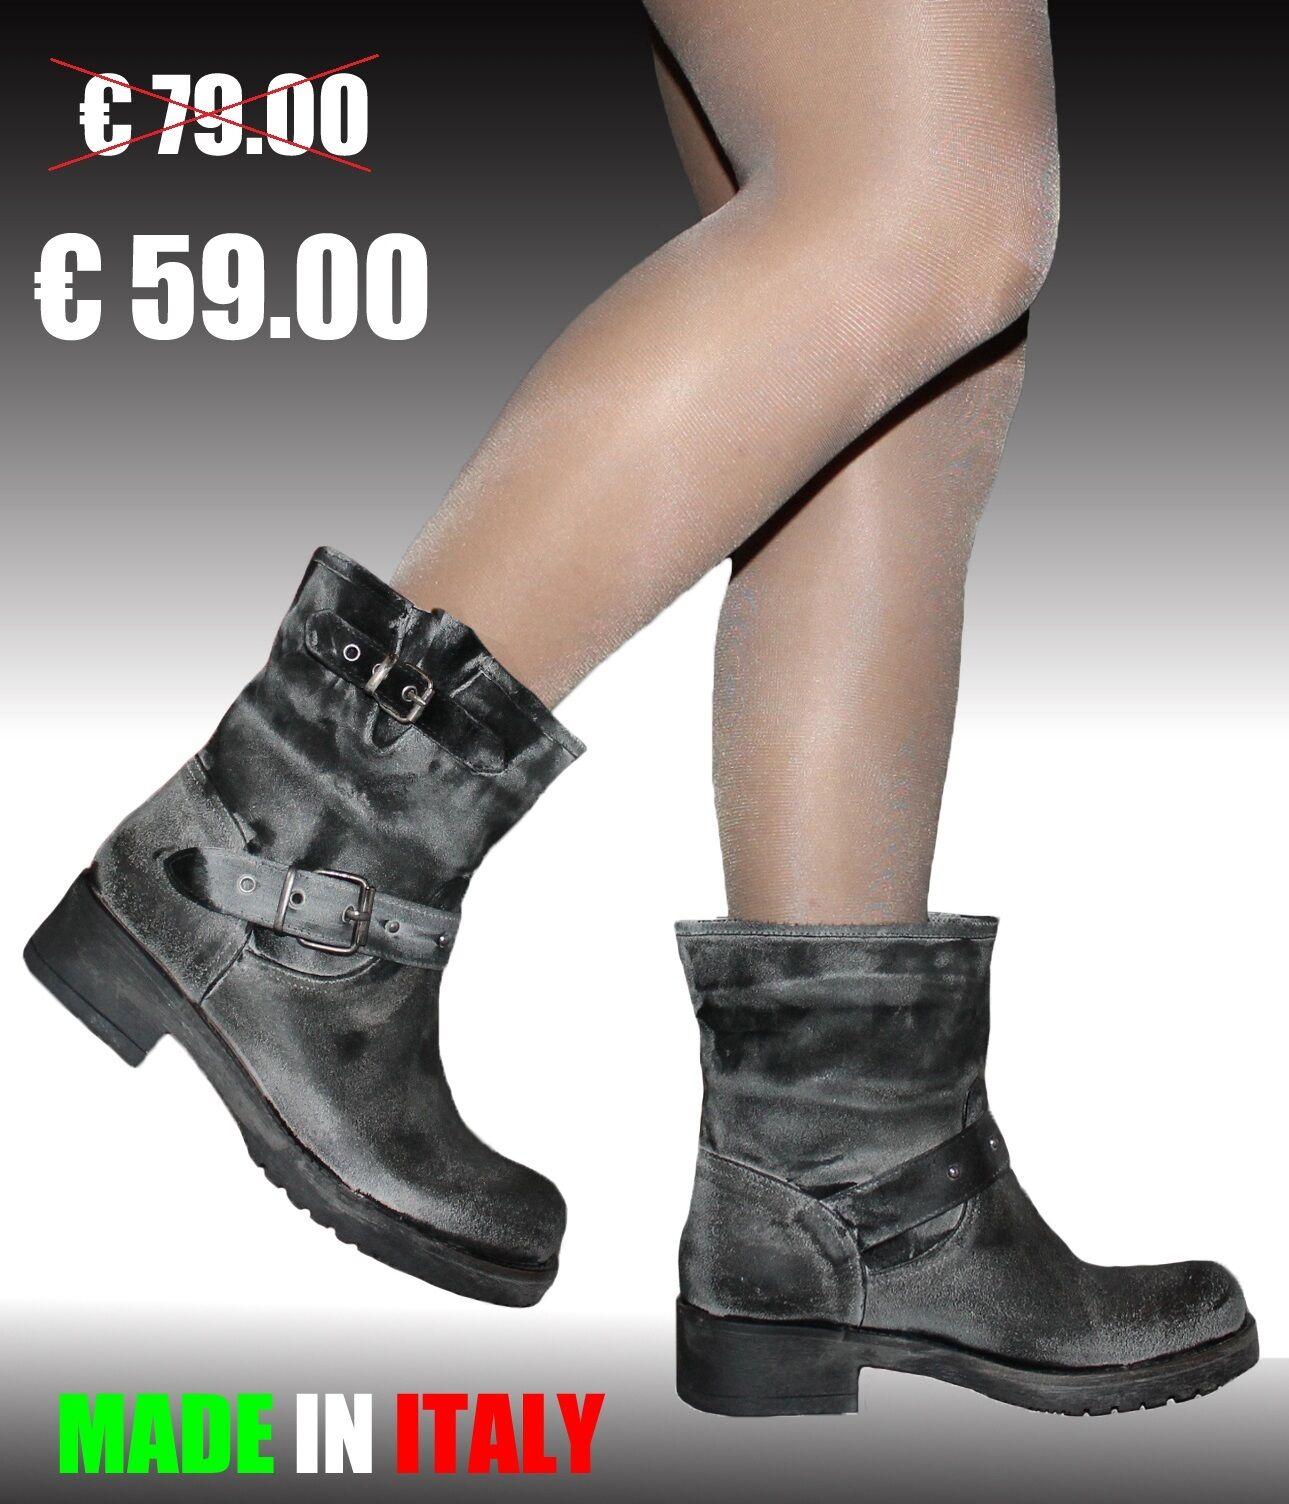 Stivali Stivaletti Biker boots Damenschuhe pelle camoscio 36 37 38 39 40 MADE ITALY